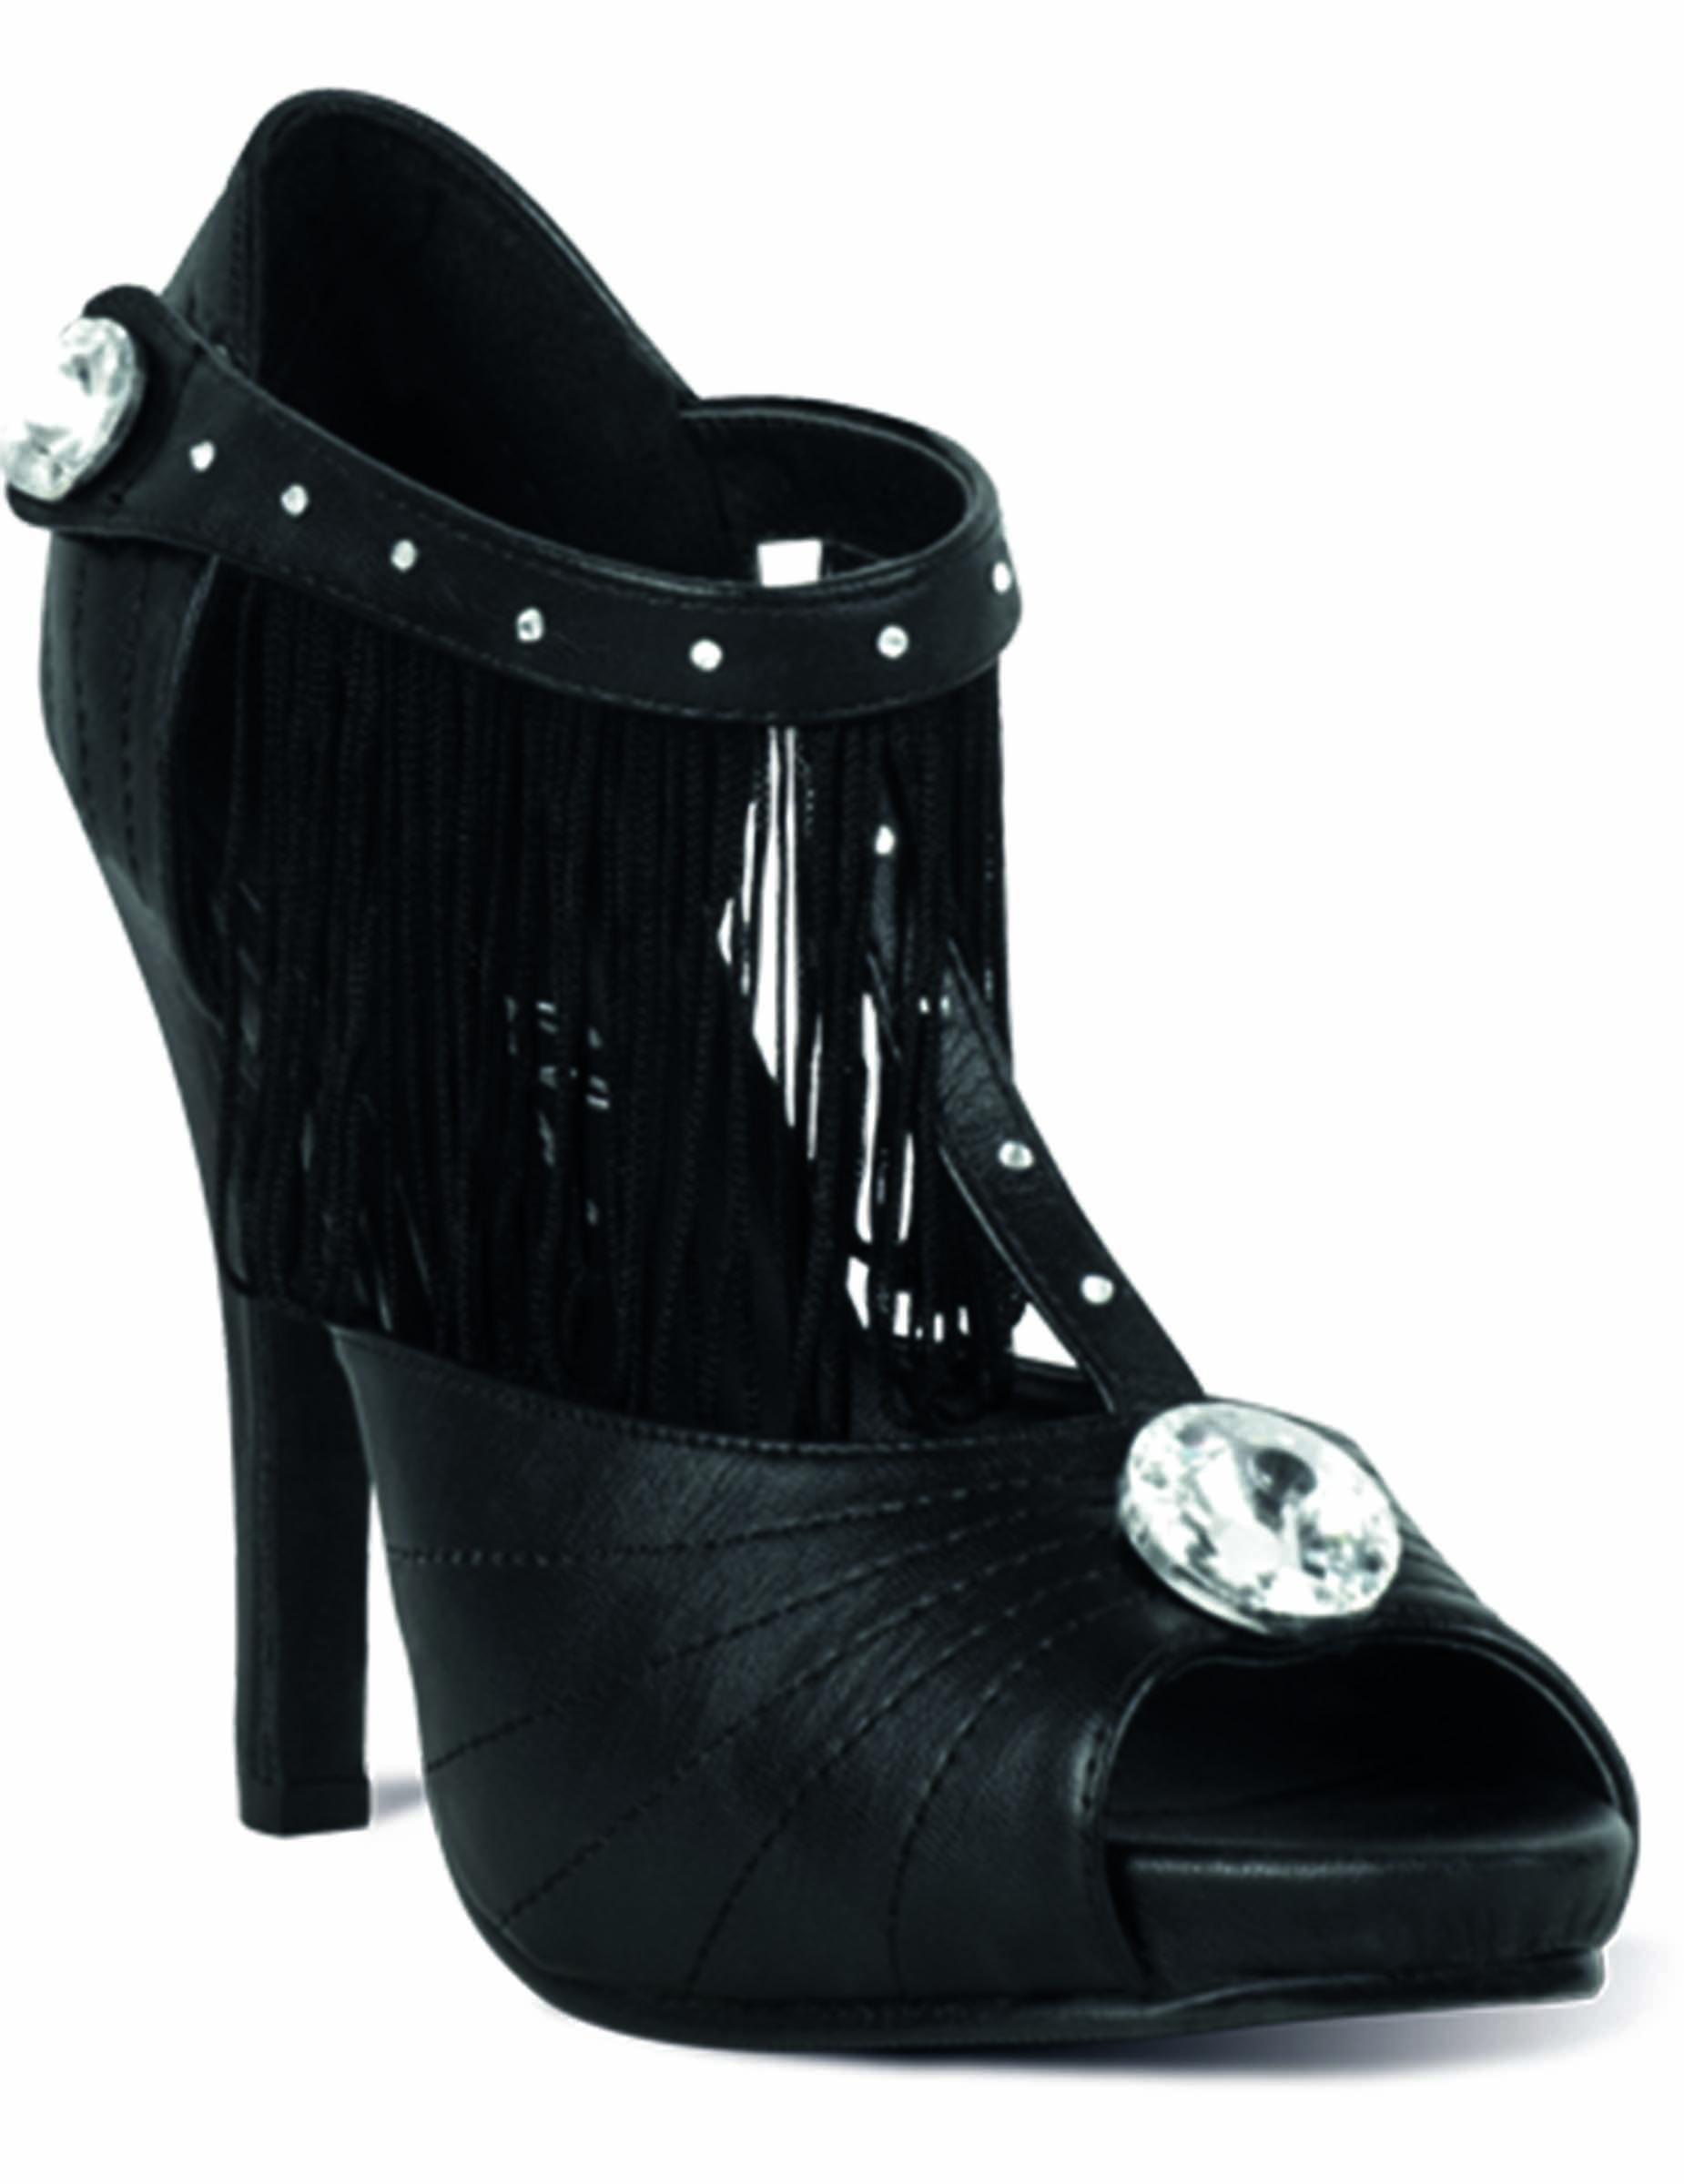 Chaussures Colorées Femme - Dia De Los Muertos Pointure 38 5pvtC9MD